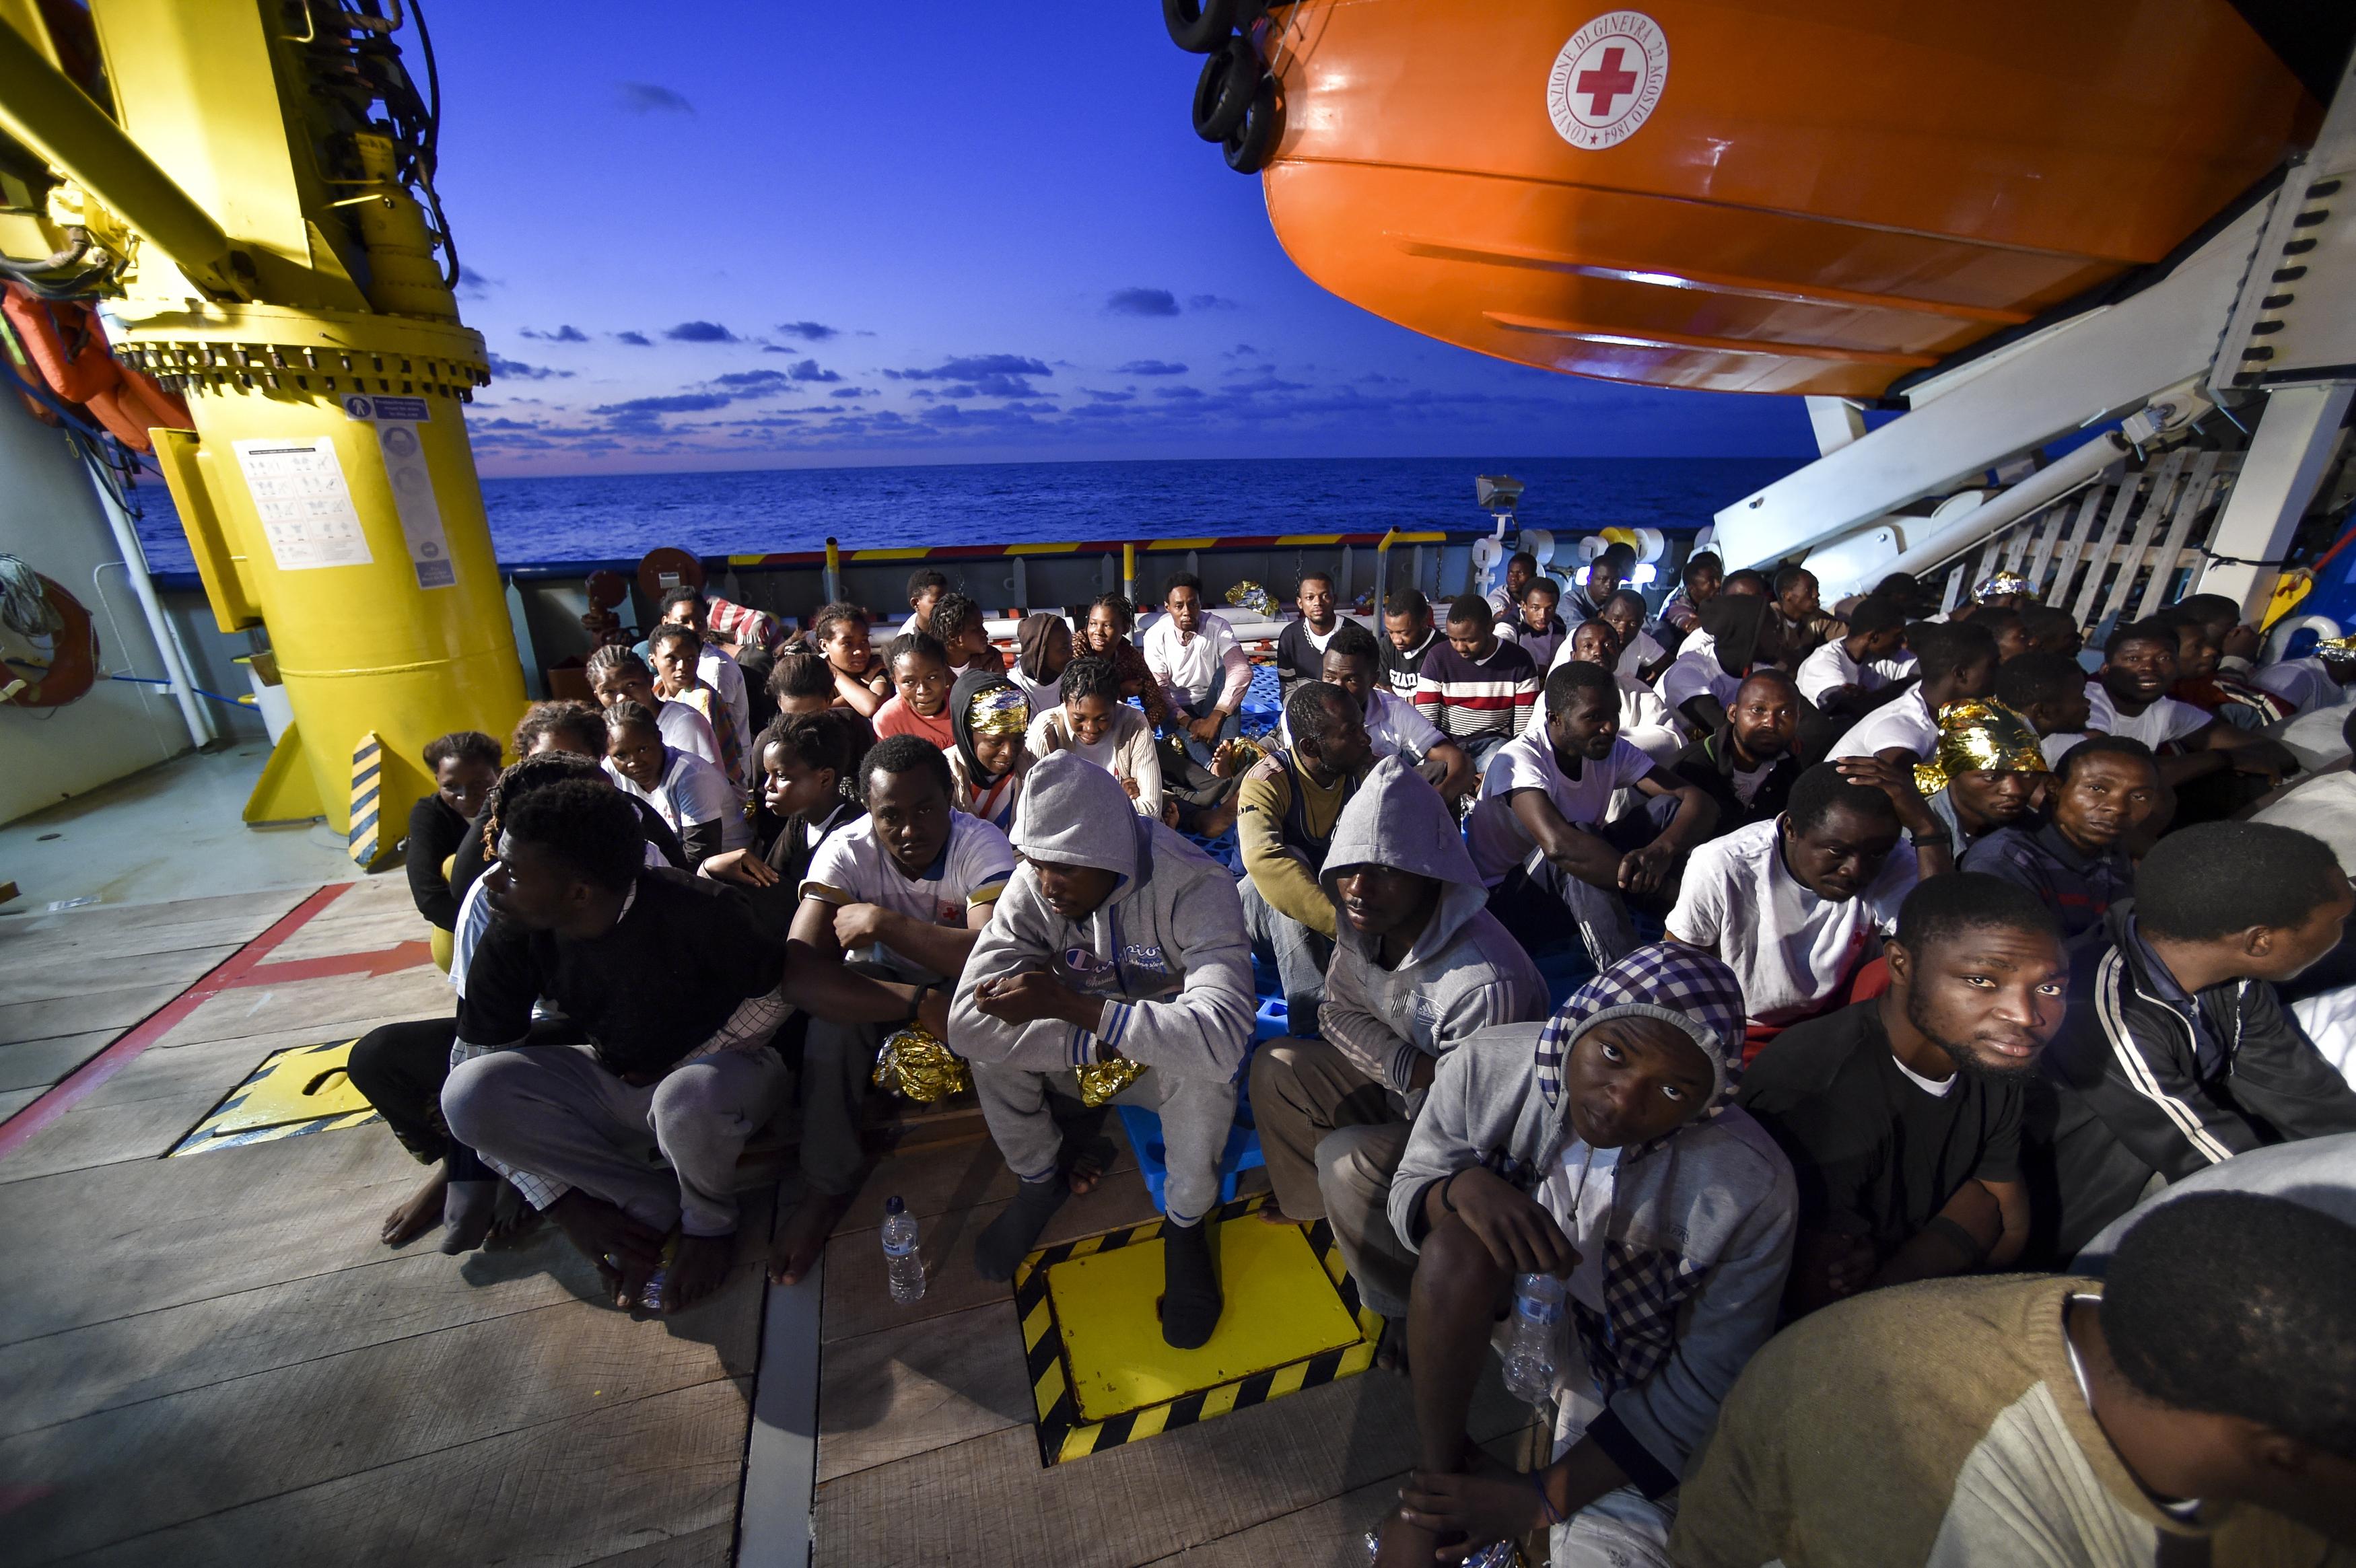 Az EU tagállamai több mint 2000 bevándorló halálát okozták a járvány alatt